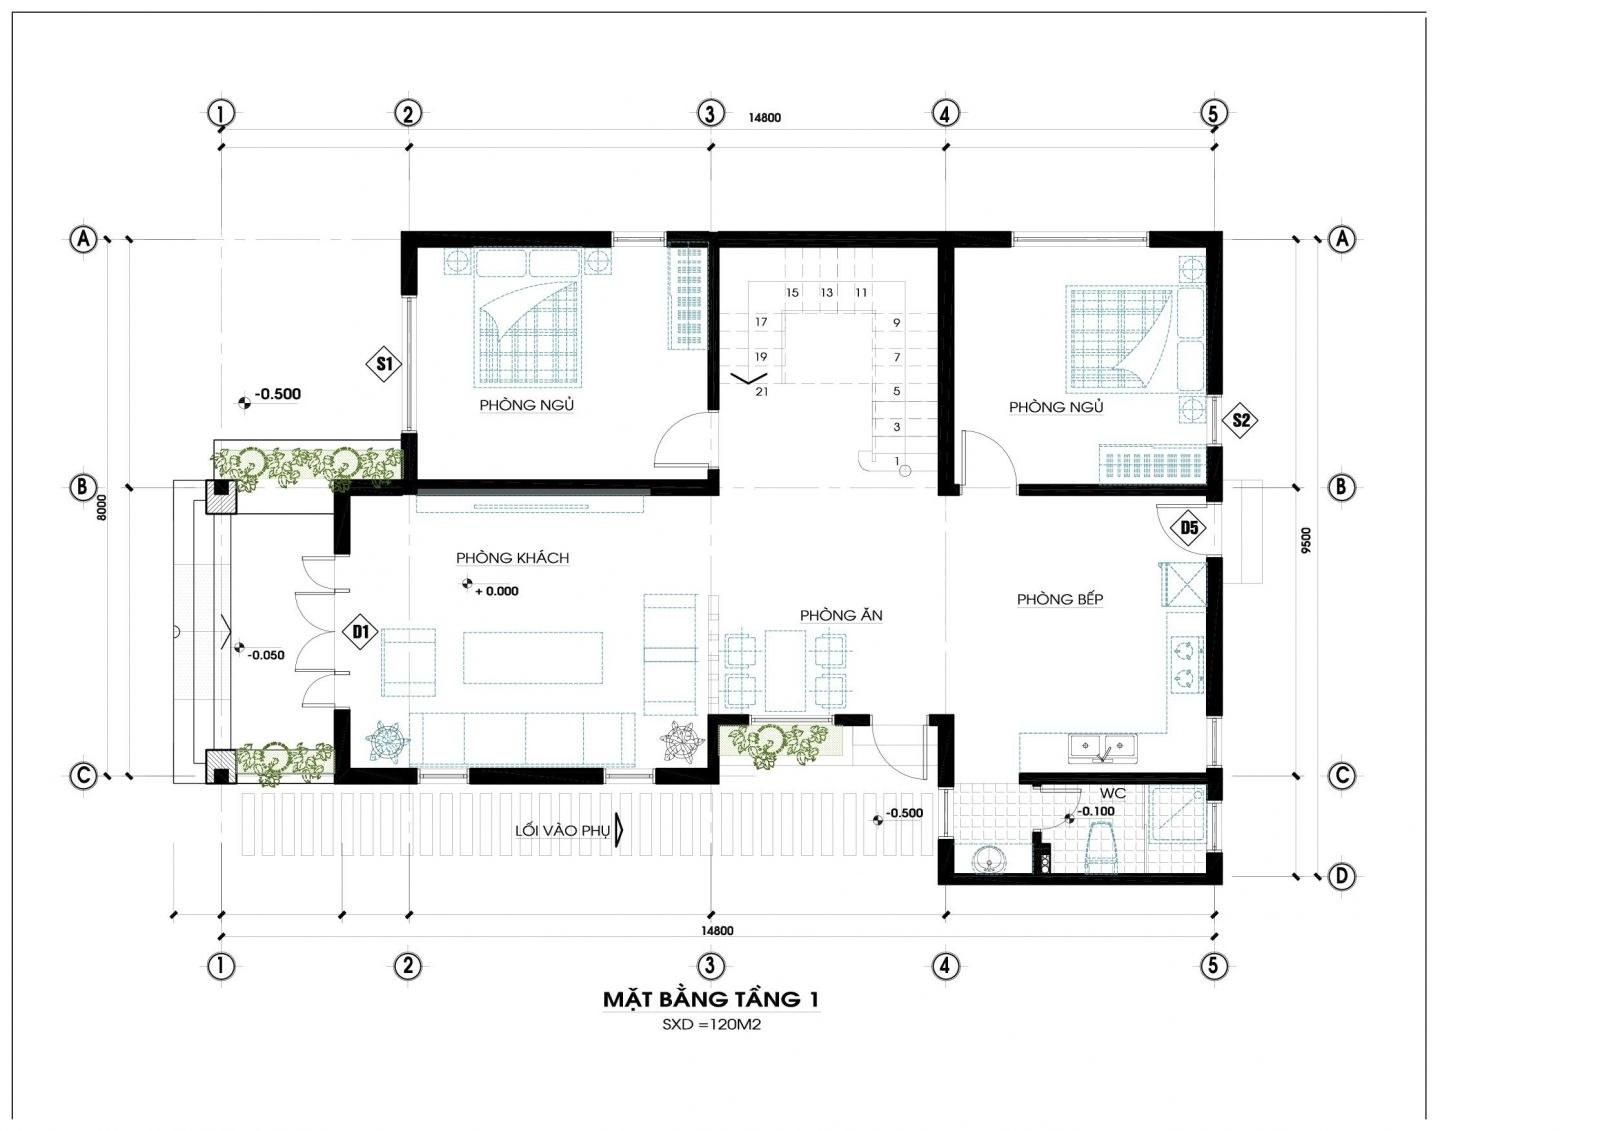 Mặt bằng tầng 1 mẫu nhà 2 tầng mái thái